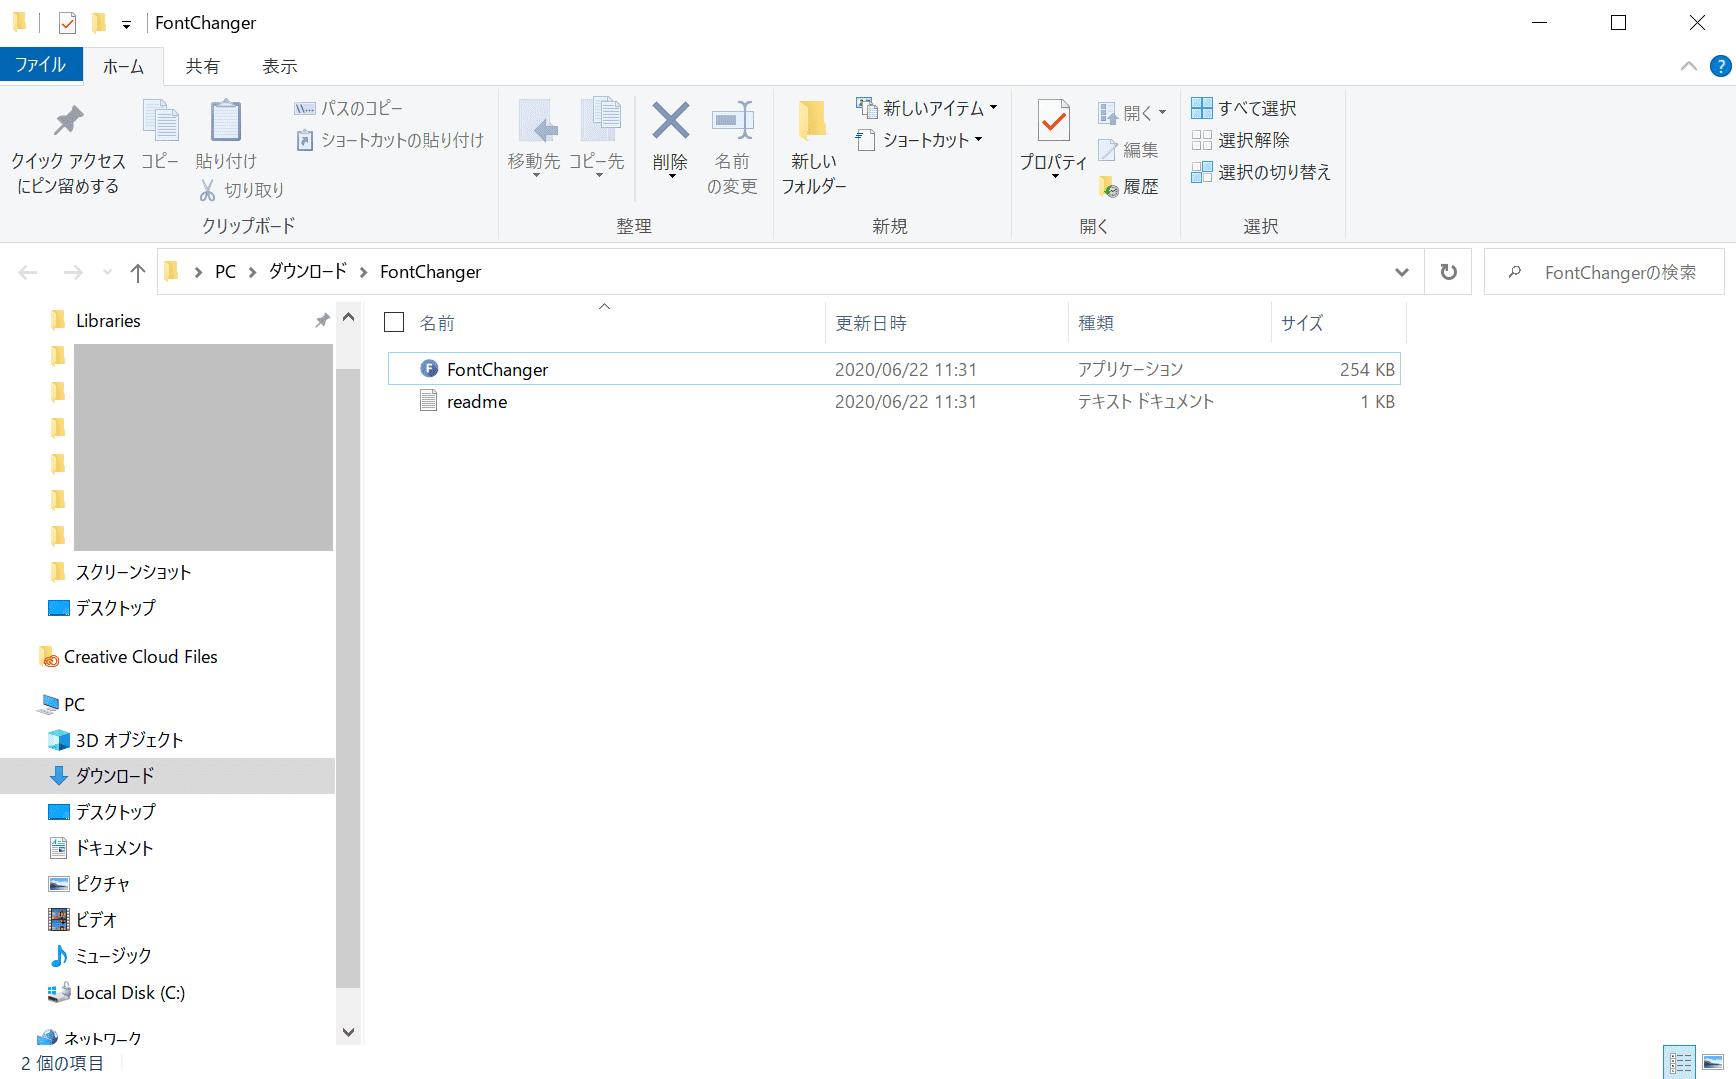 FontChangerフォルダー2